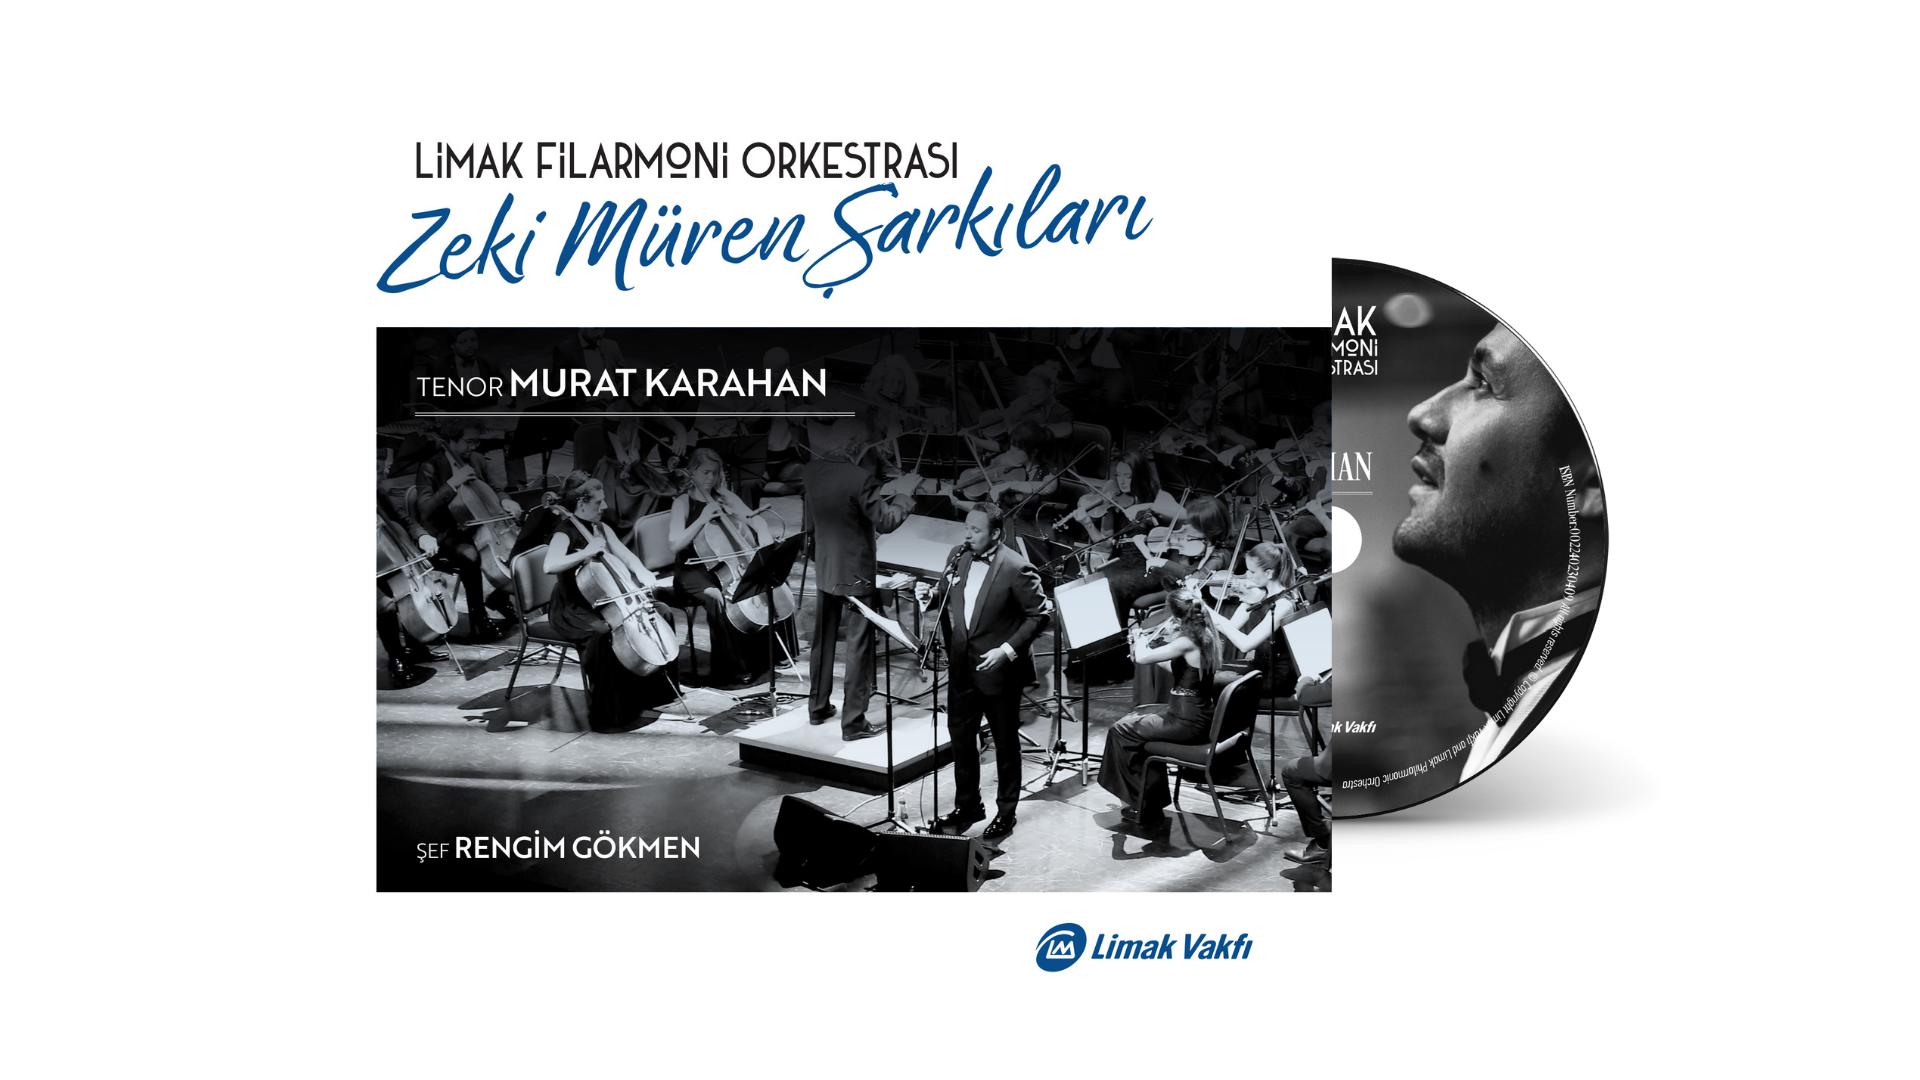 Limak Filarmoni Orkestrası en büyük hayallerinden birini gerçekleştirdi.